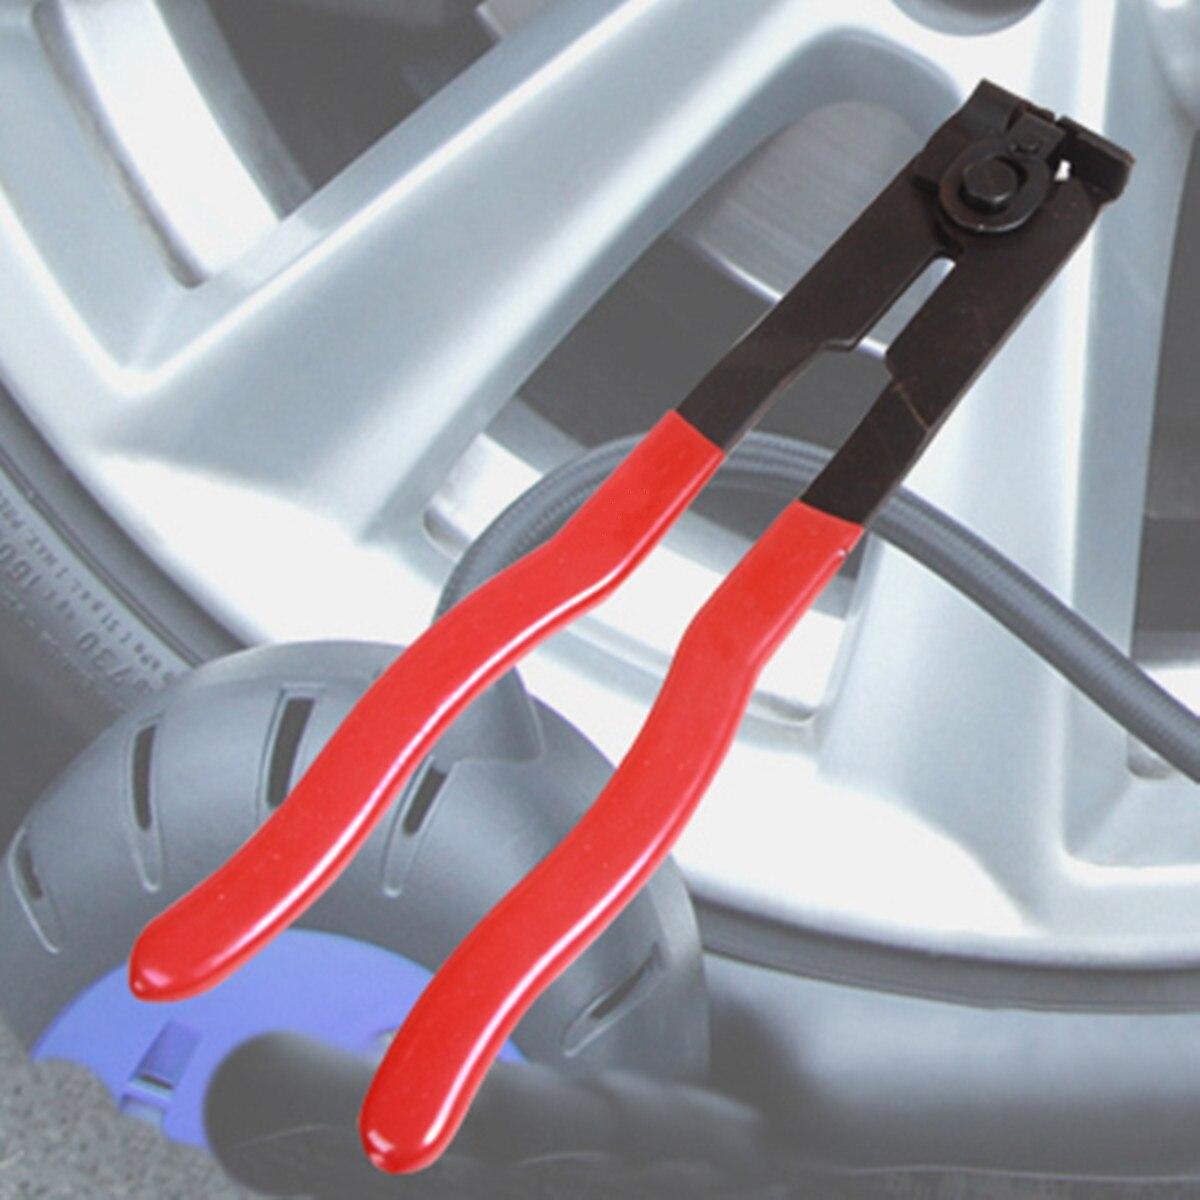 Spann Zangen Ohr Typ CV Joint-Boot Clamp Für Kraftstoff Kühlmittel Schlauch Rohr Zange Installer Tool 23,8x3,8 cm /9,37x1,50 PVC Stahl